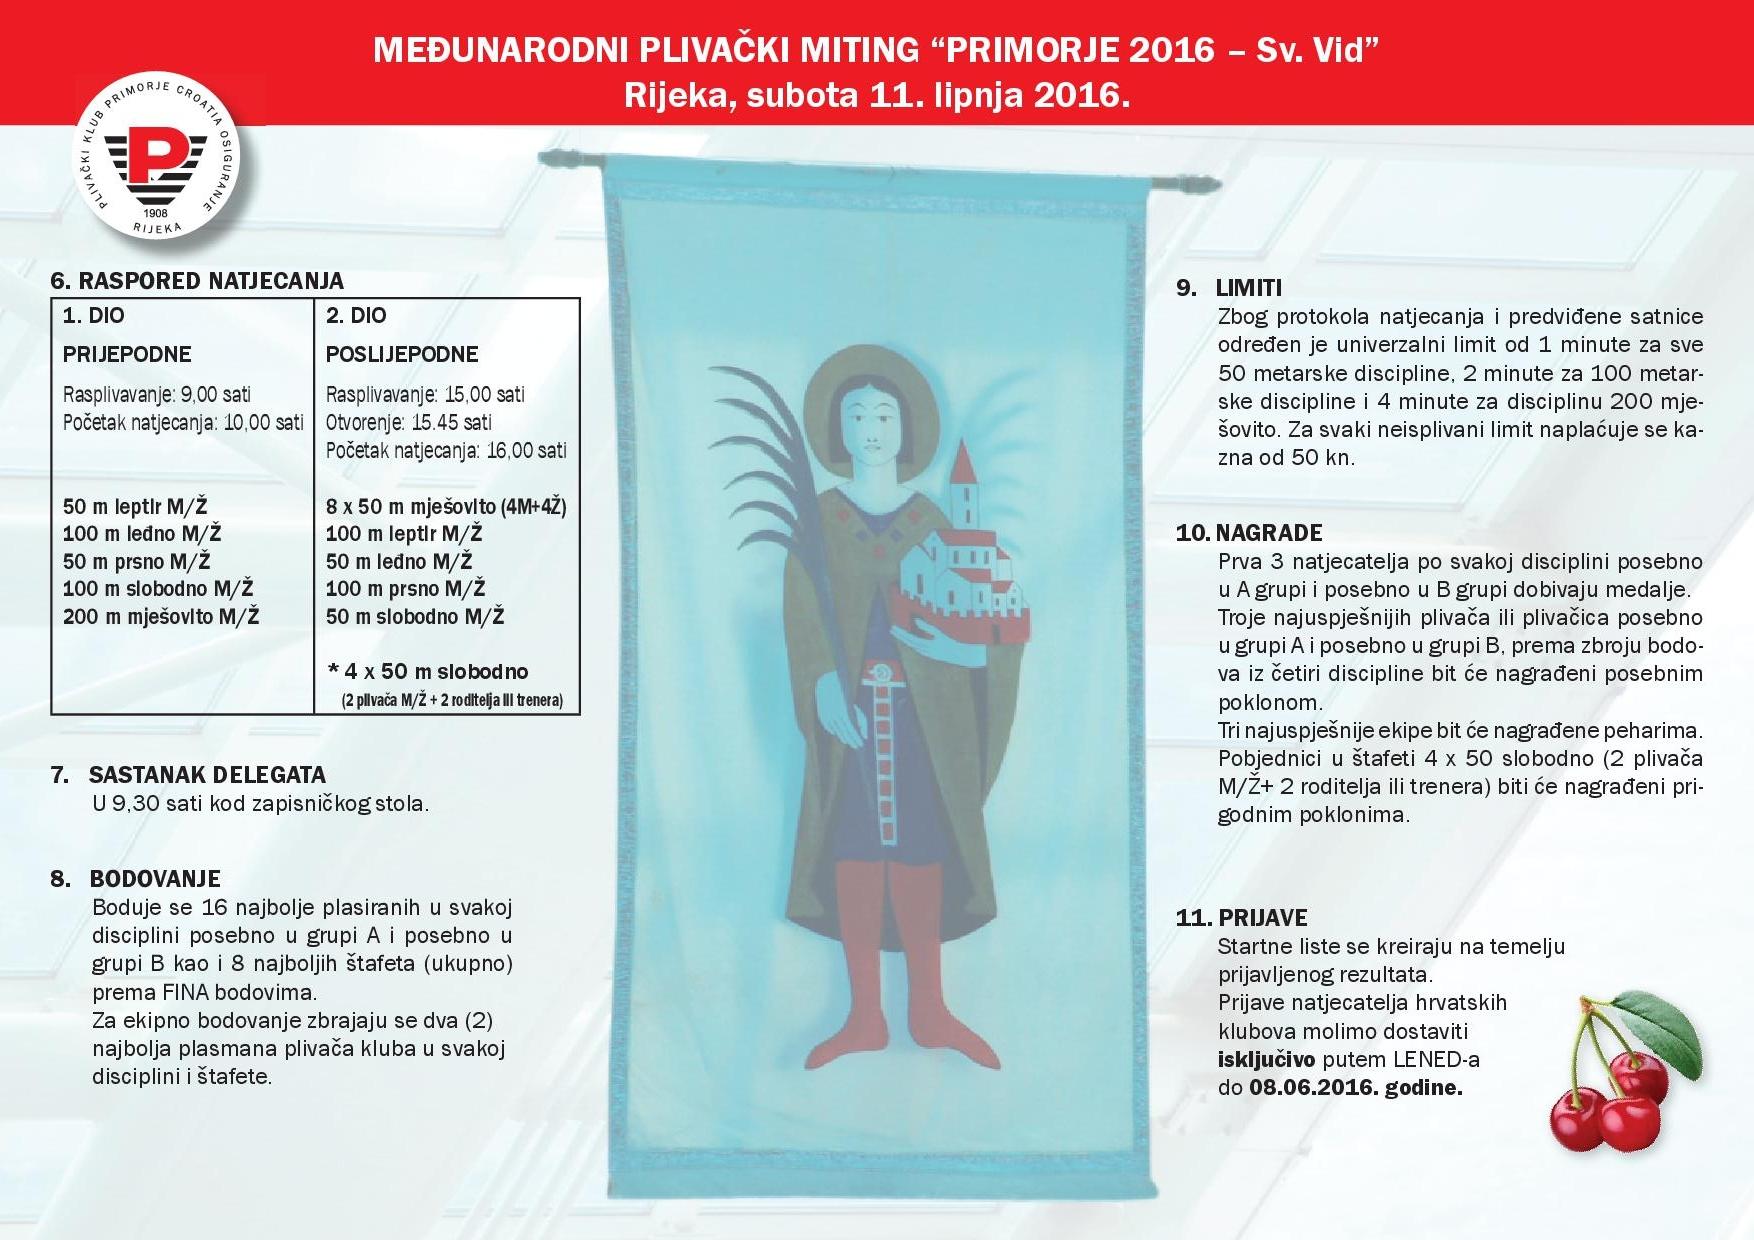 Пропозиције на хрватском језију, језику организатора, страна 2